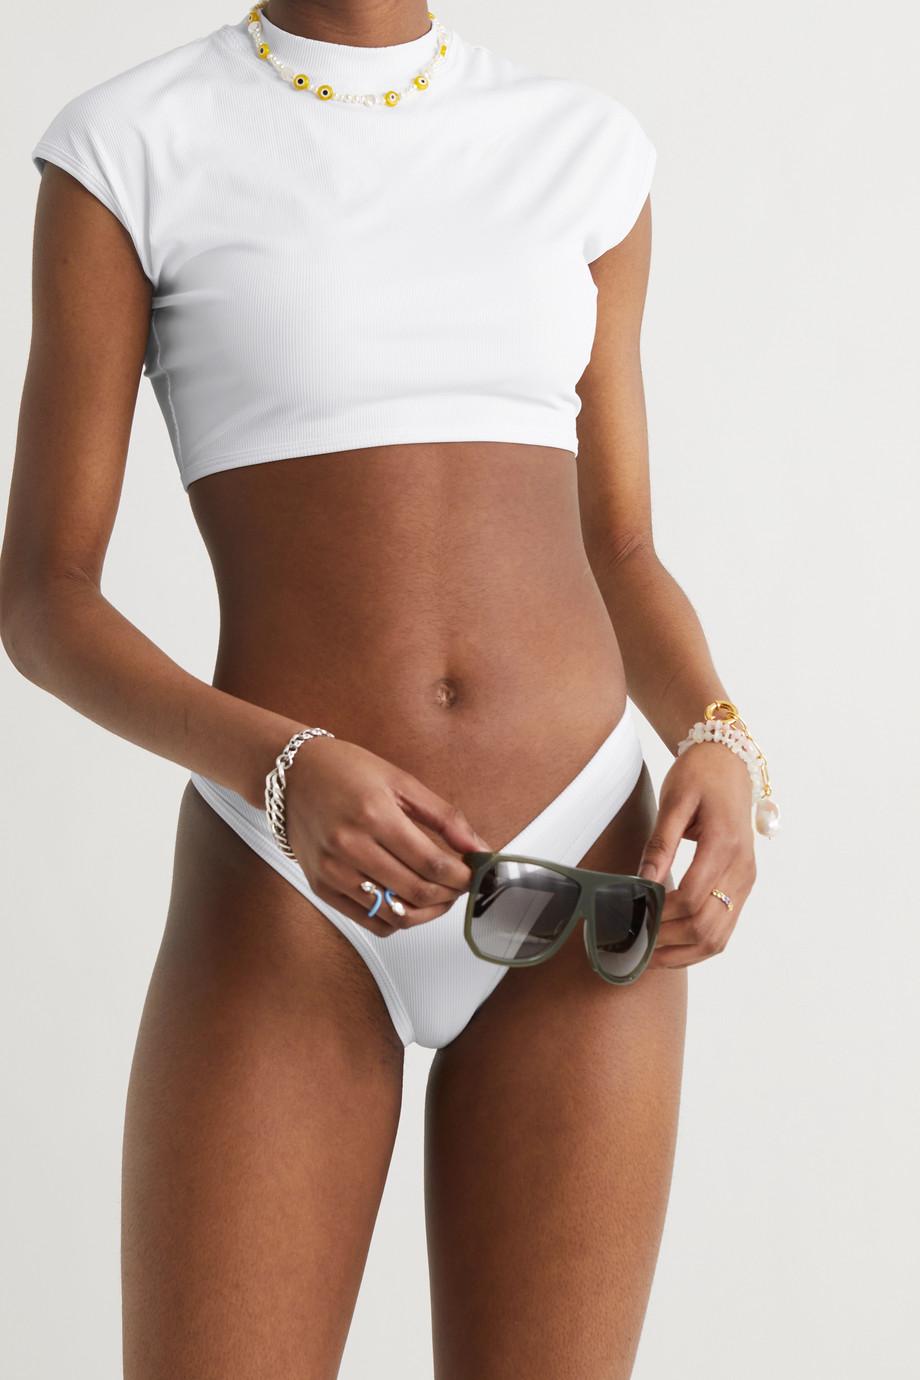 The Attico Ribbed bikini top